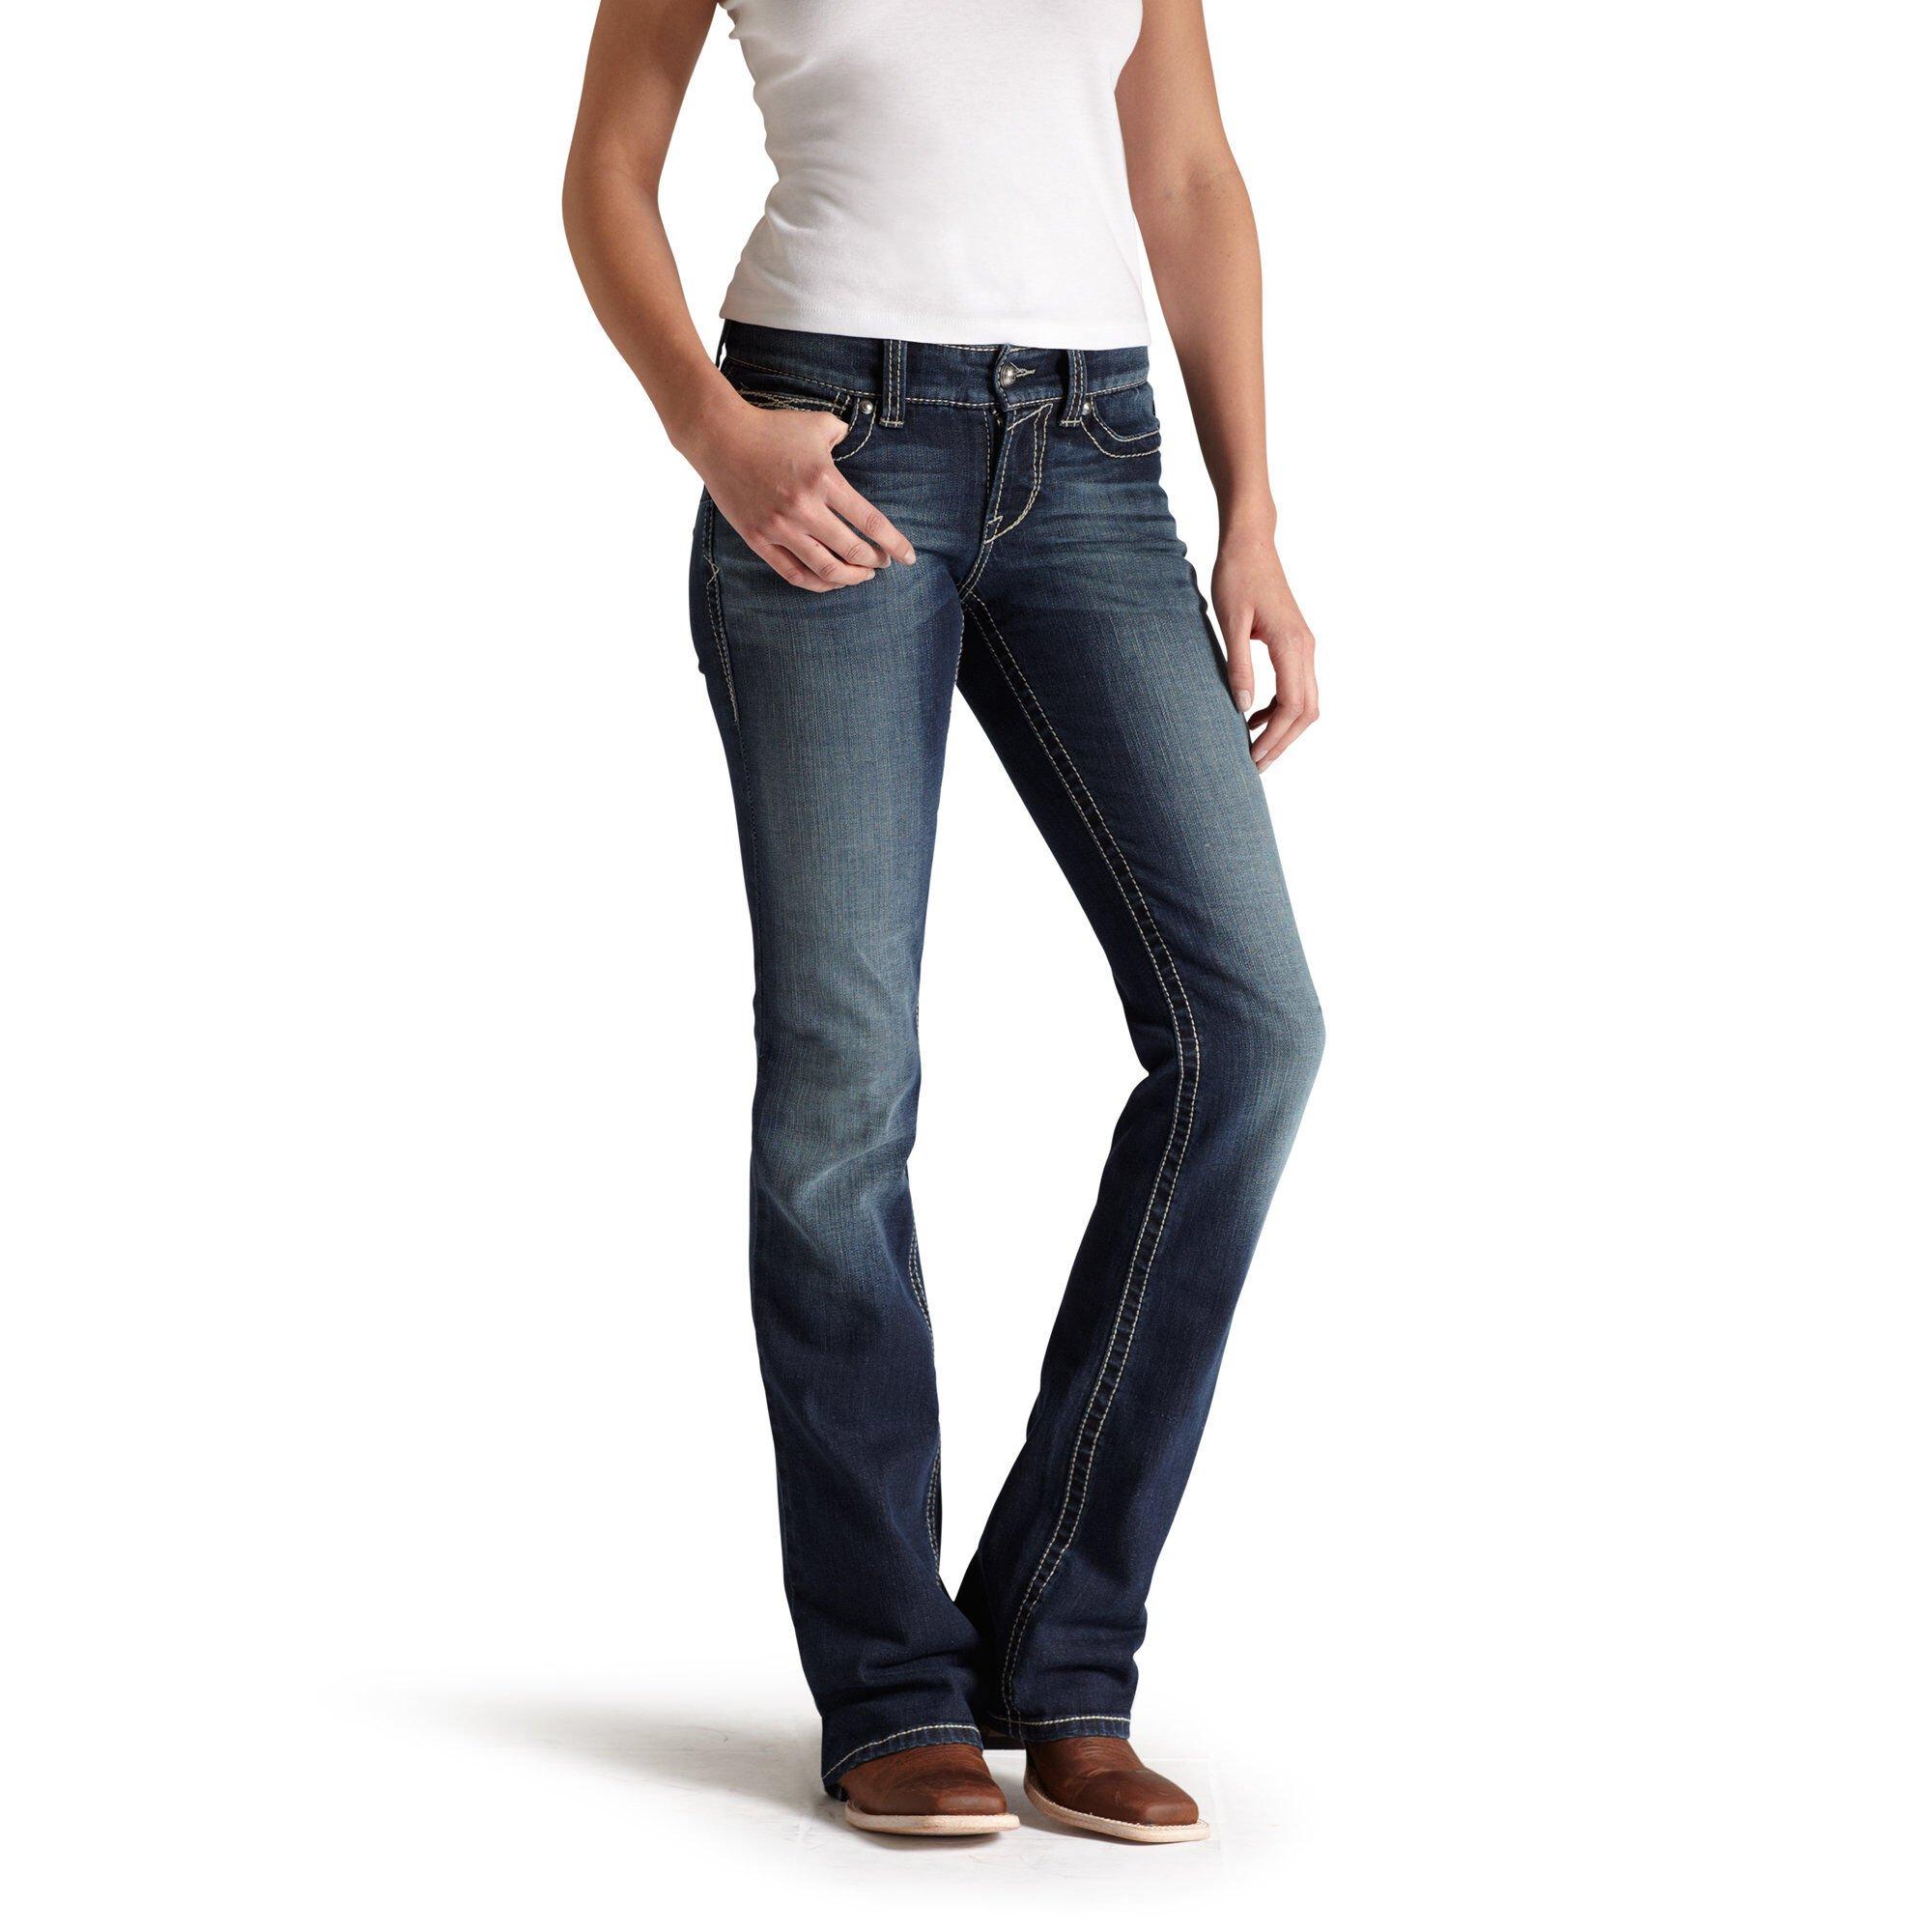 R.E.A.L. Mid Rise Stretch Original Boot Cut Jean